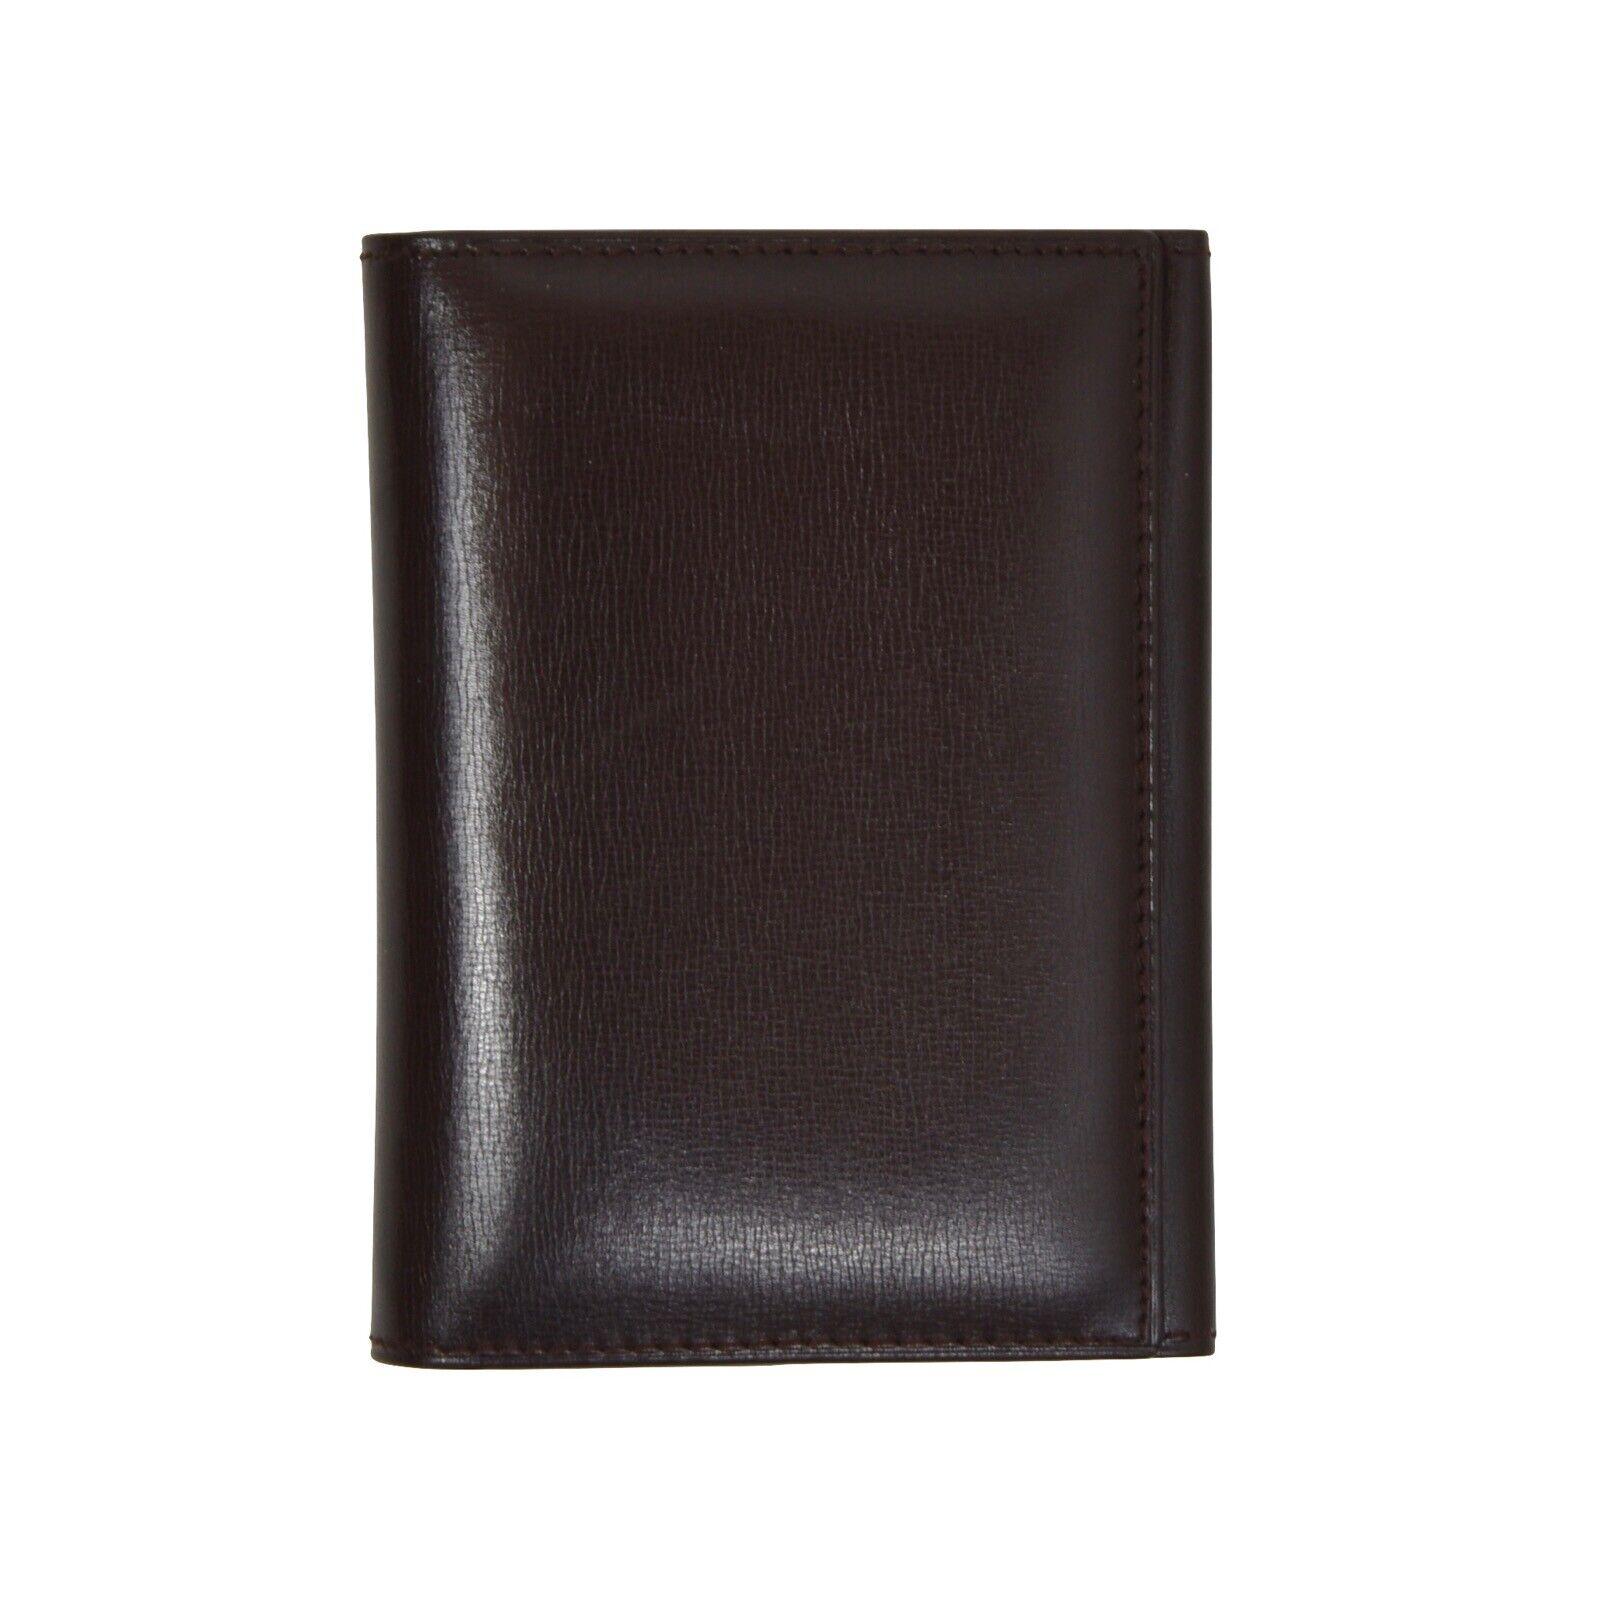 Hans Knoll Wien Brieftasche Geldtasche Wallet Leder Leather Braun Brown Classic